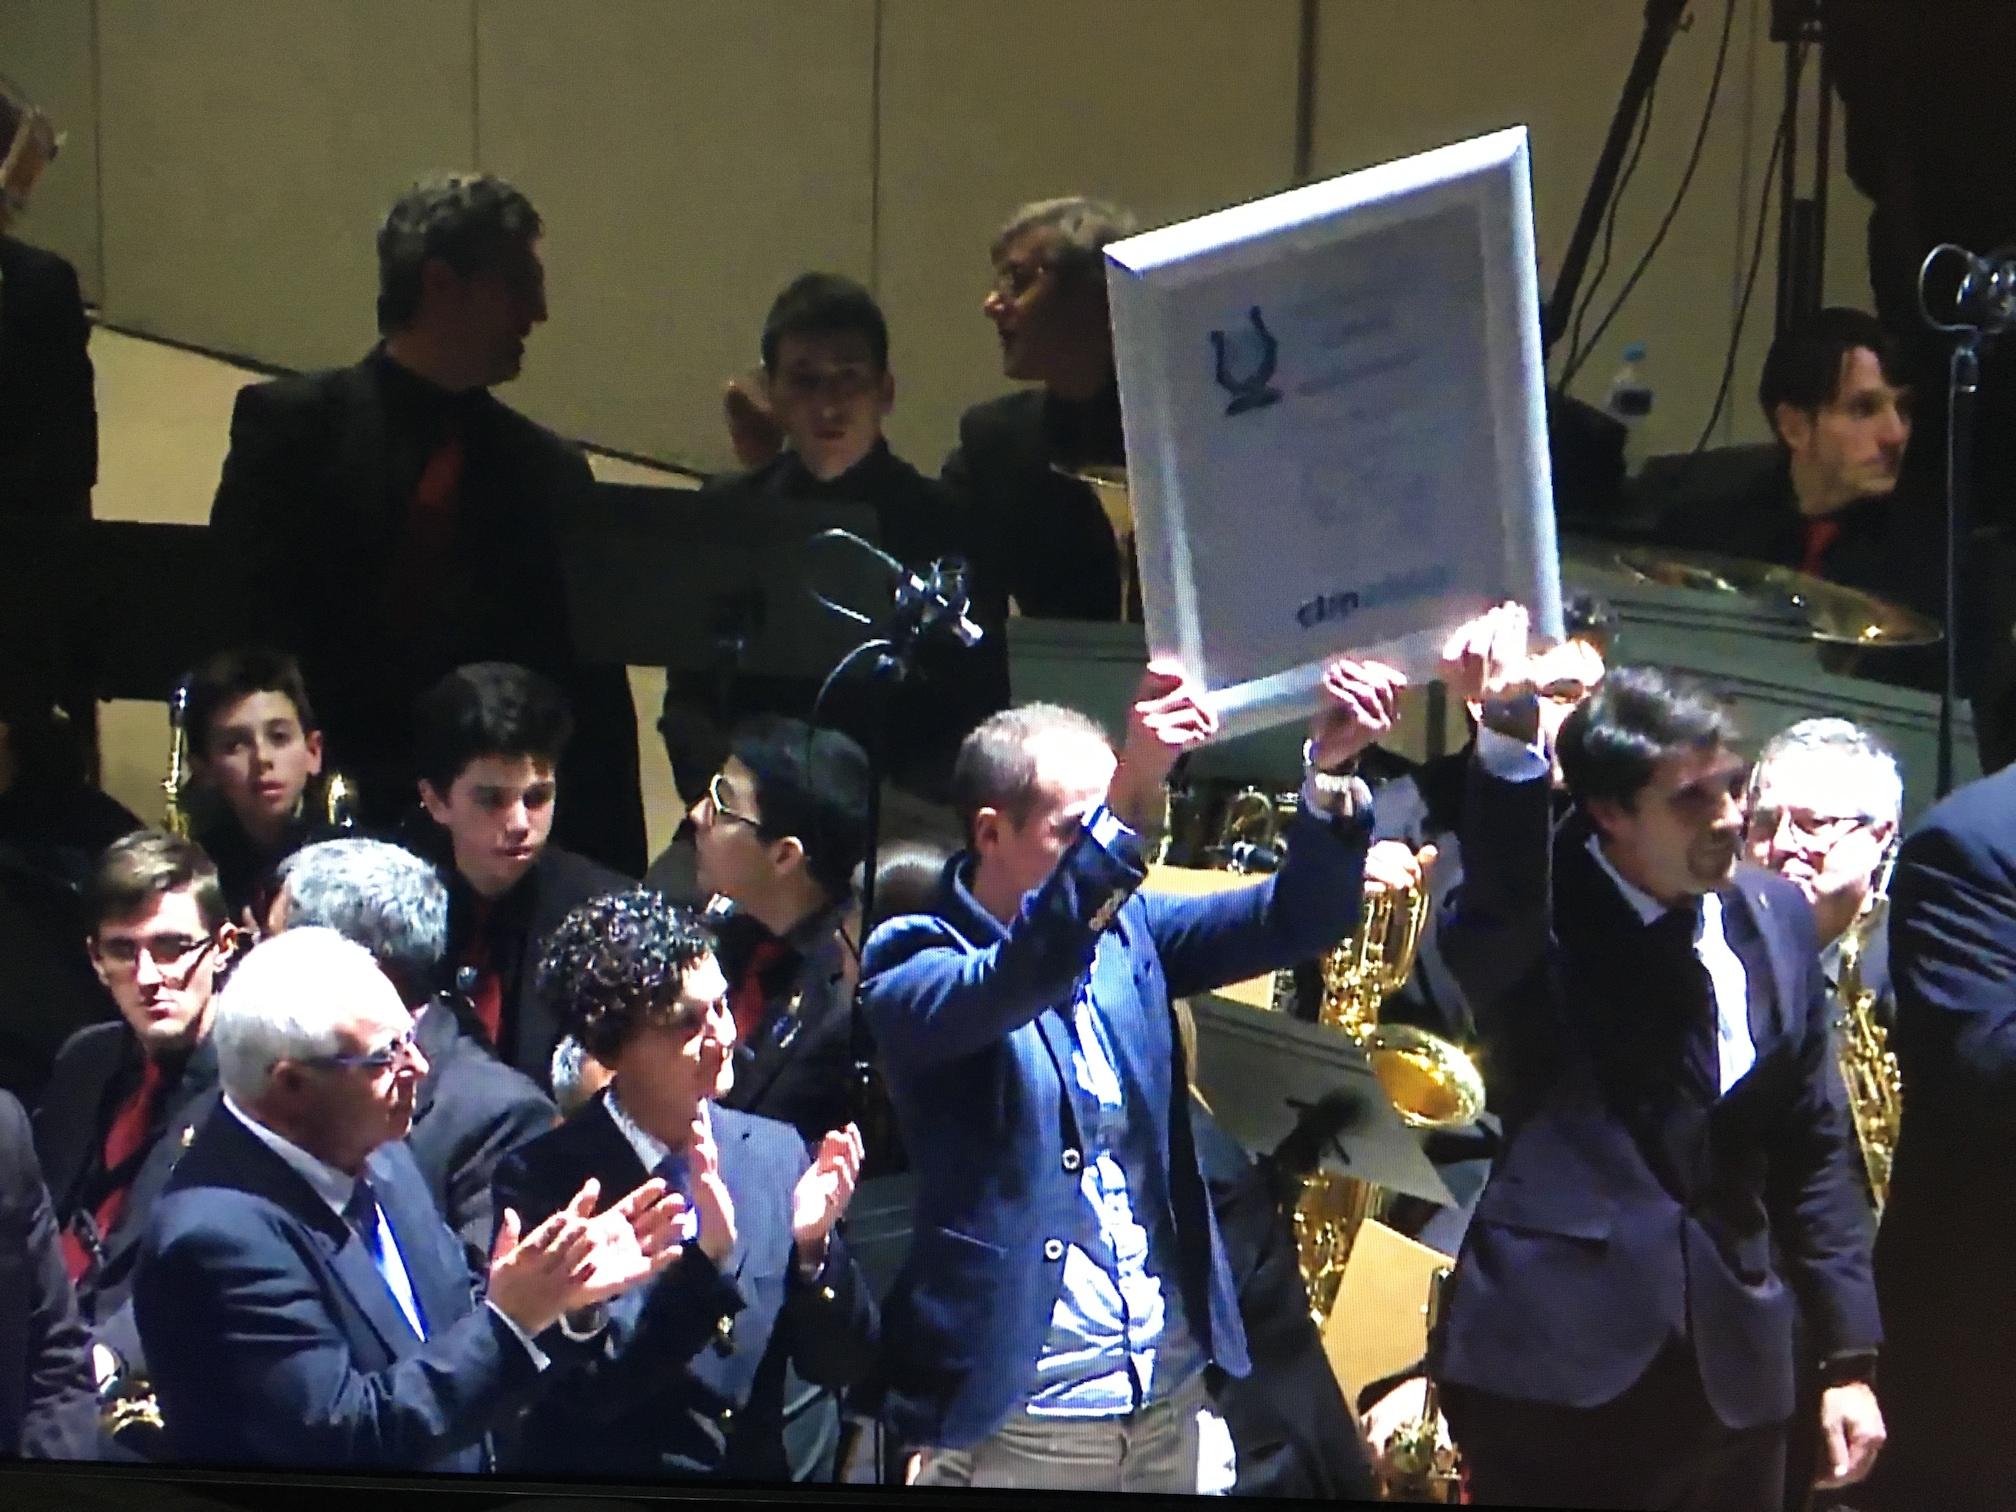 Presidente y director levantan el primer premio conseguido en el 43 Certamen de Altea. Fuente: Certamen Altea.